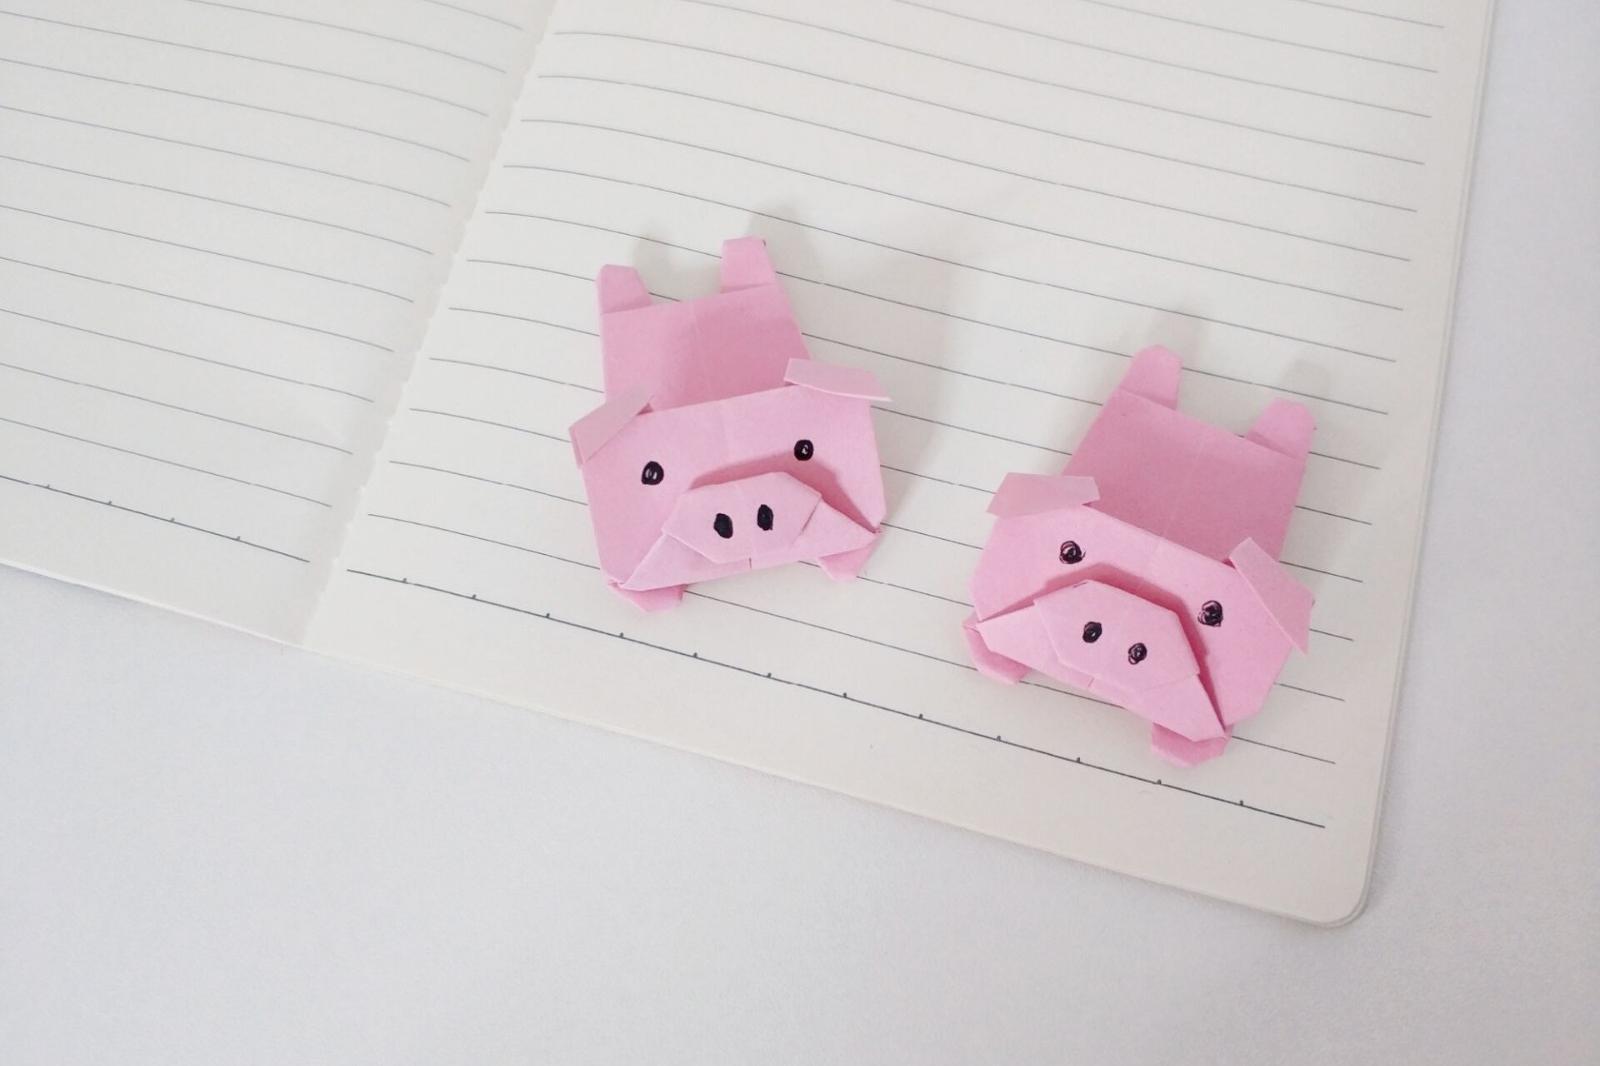 萌萌哒的折纸小猪,用来当书签超级可爱,看到它心情都好了起来